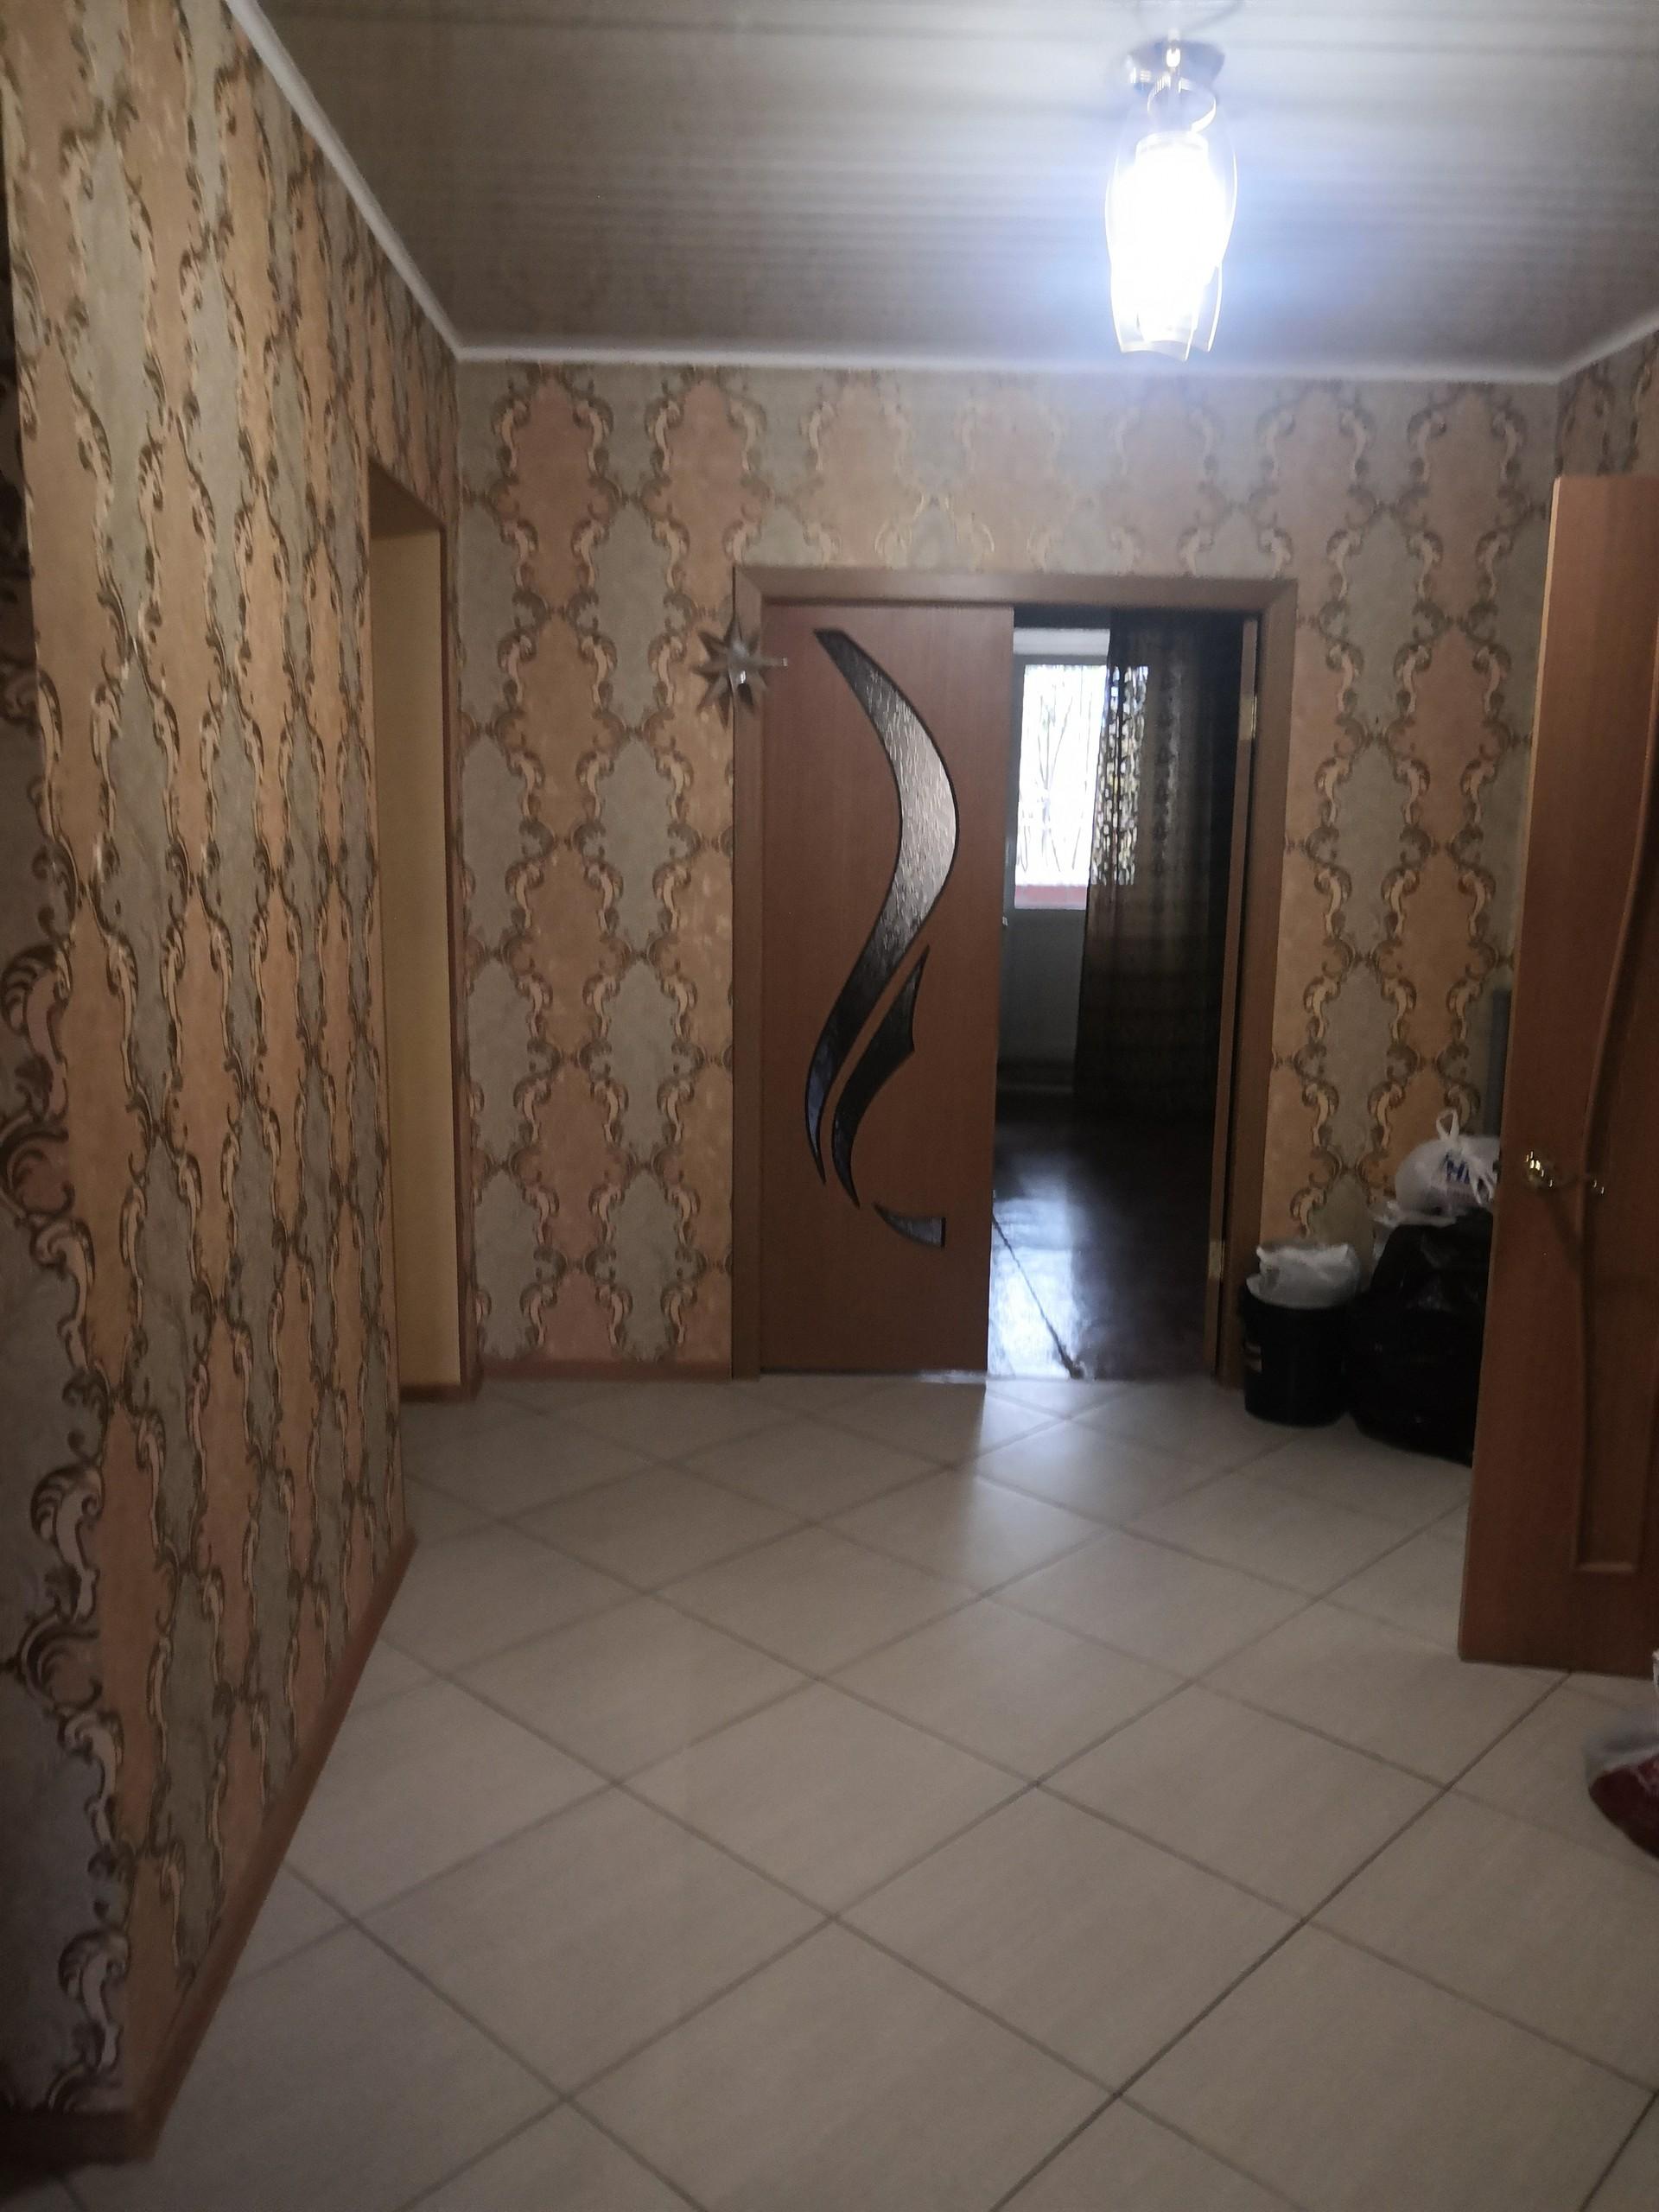 Купить 3-комнатную квартиру, 91 м² по адресу Калуга, бульвар Моторостроителей, 3, 1 этаж недорого в ДомКлик — поиск, проверка, безопасная сделка с жильем в офисе Сбербанка.